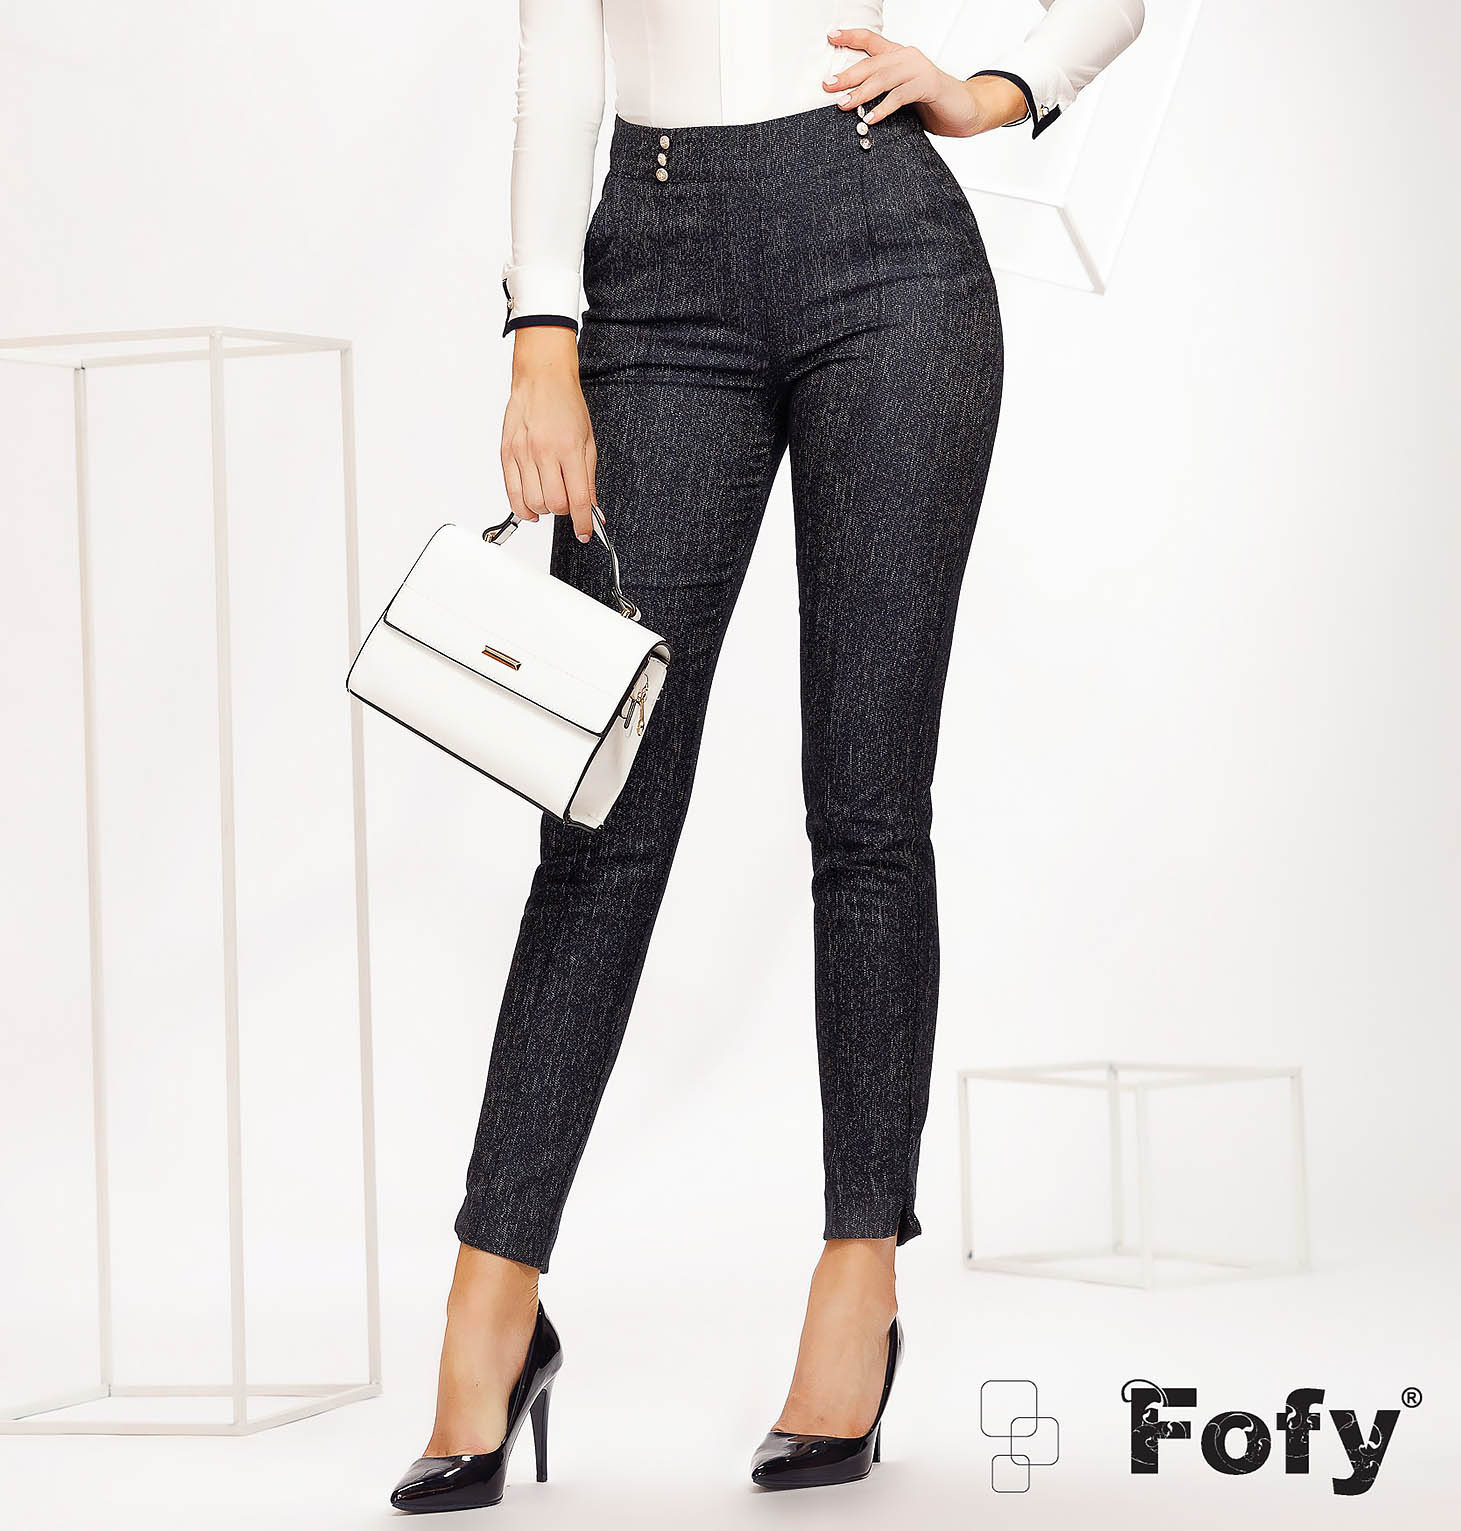 Pantaloni Fofy albastru-inchis office conici cu talie normala din material subtire accesorizati cu nasturi si buzunare laterale